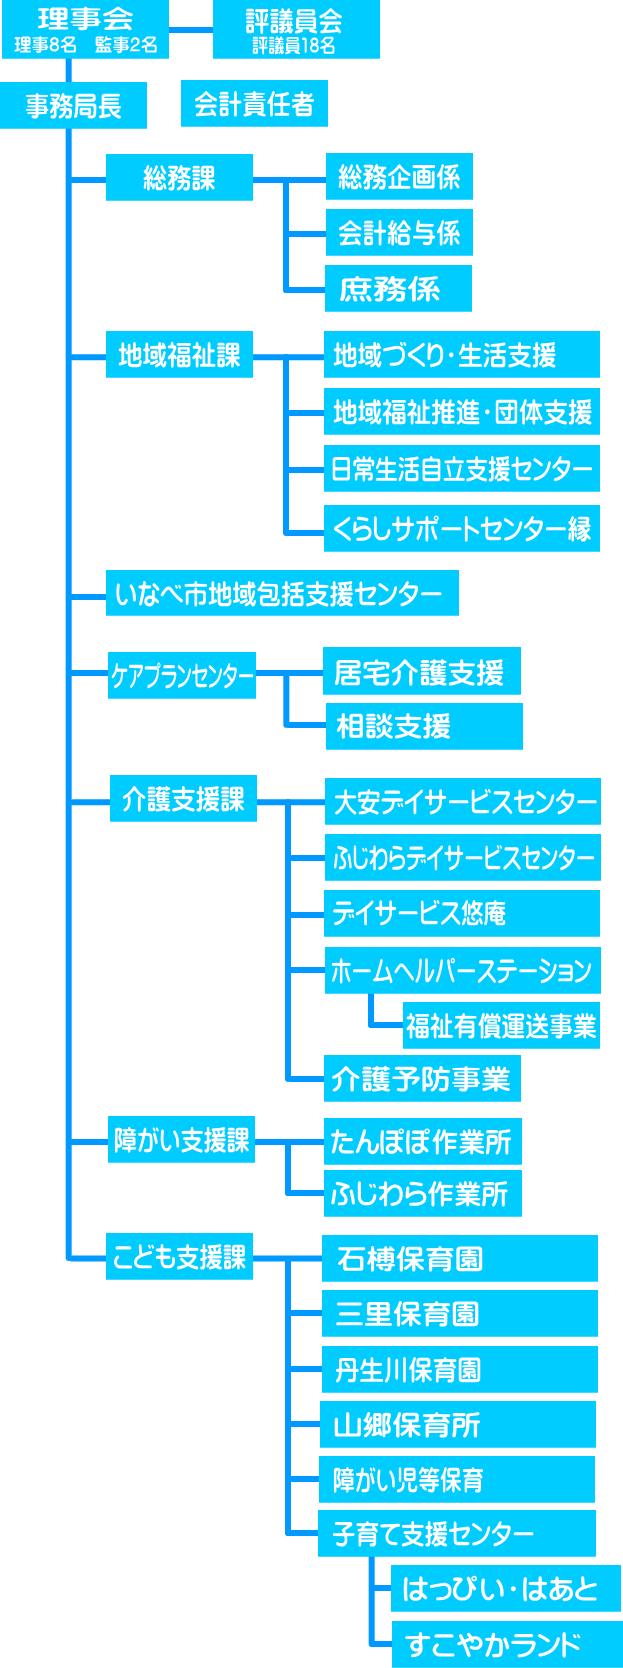 2015.04.01_soshikizu